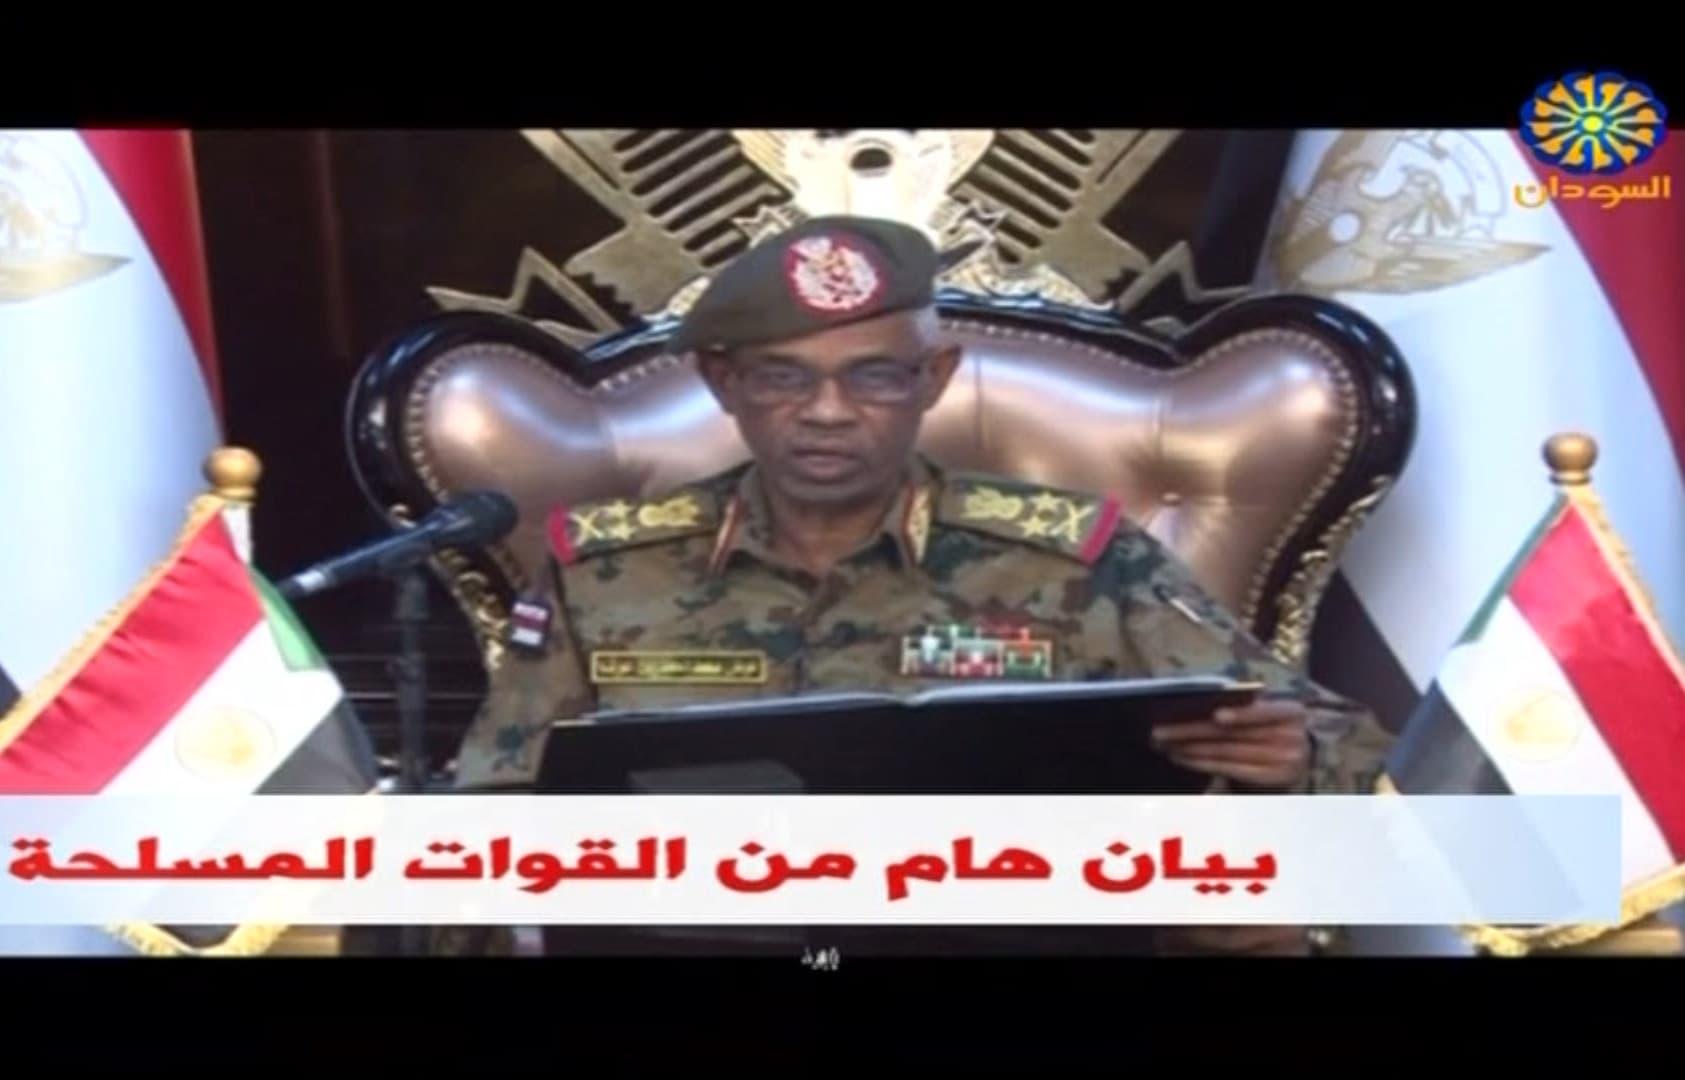 """مصر تعرب عن """"ثقتها الكاملة"""" في الشعب السوداني وجيشه """"الوطني الوفي"""""""